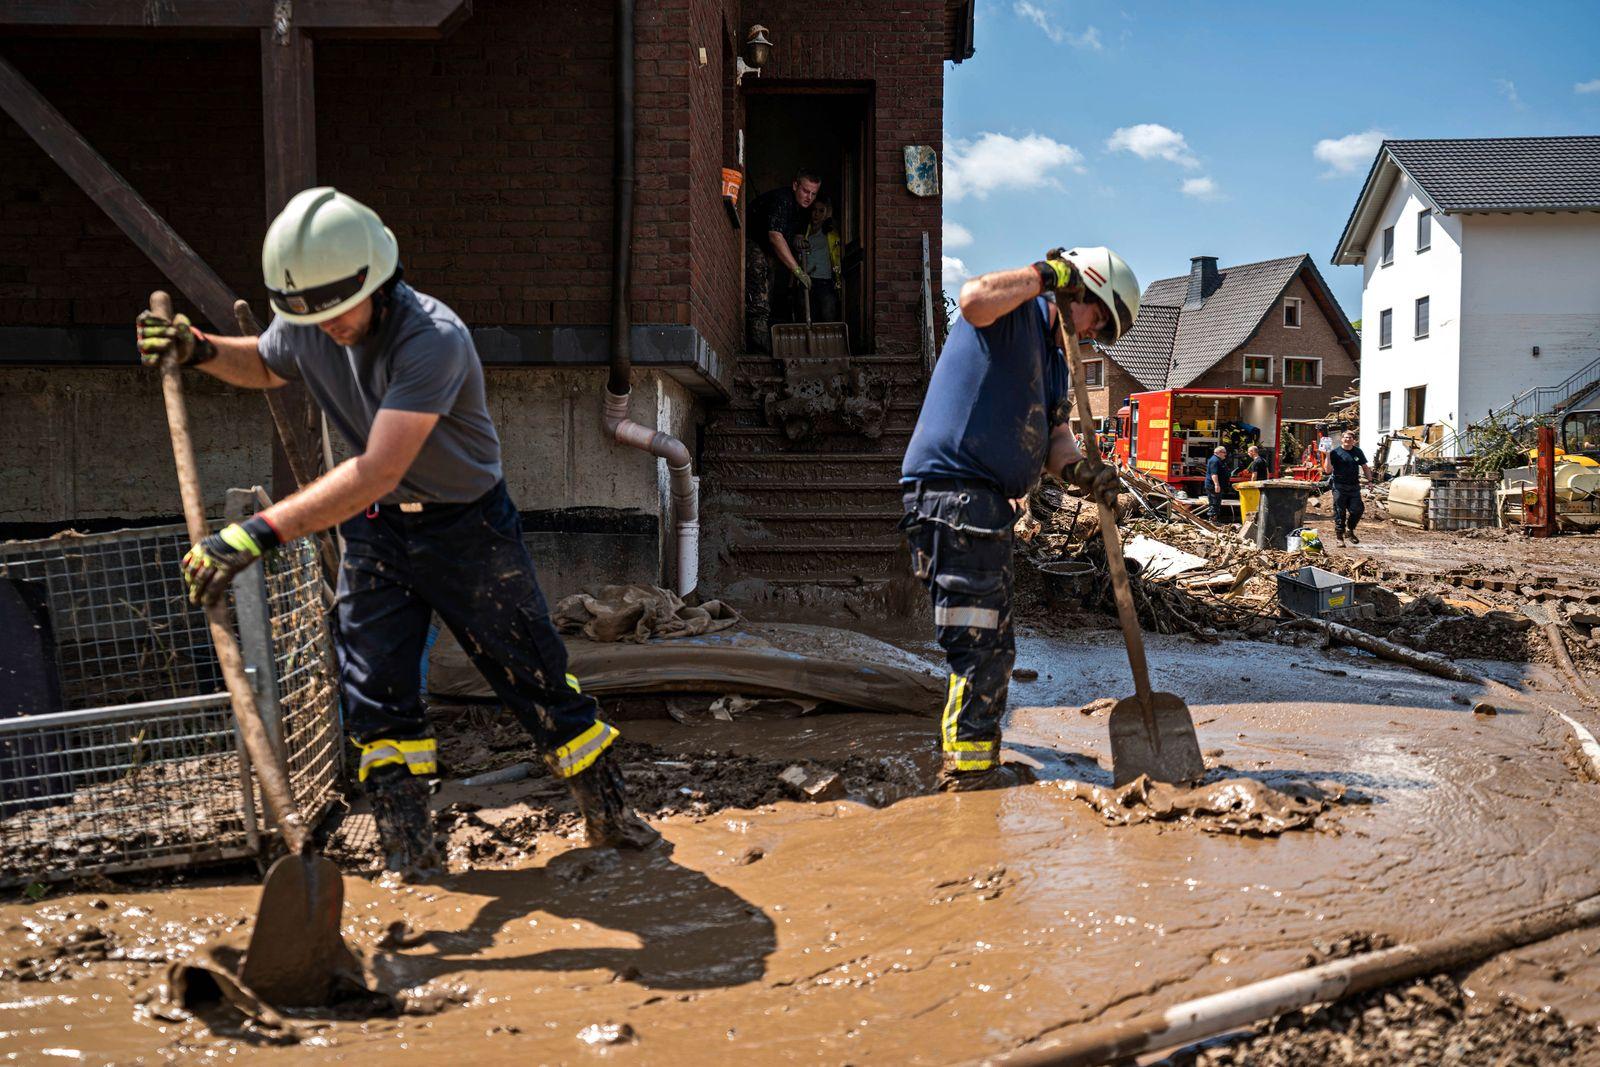 Aufräumarbeiten nach dem Hochwasser Bewohner und Feuerwehr tragen Schlamm in der Stadt Marienthal ab. Am 14.07.2021 kam